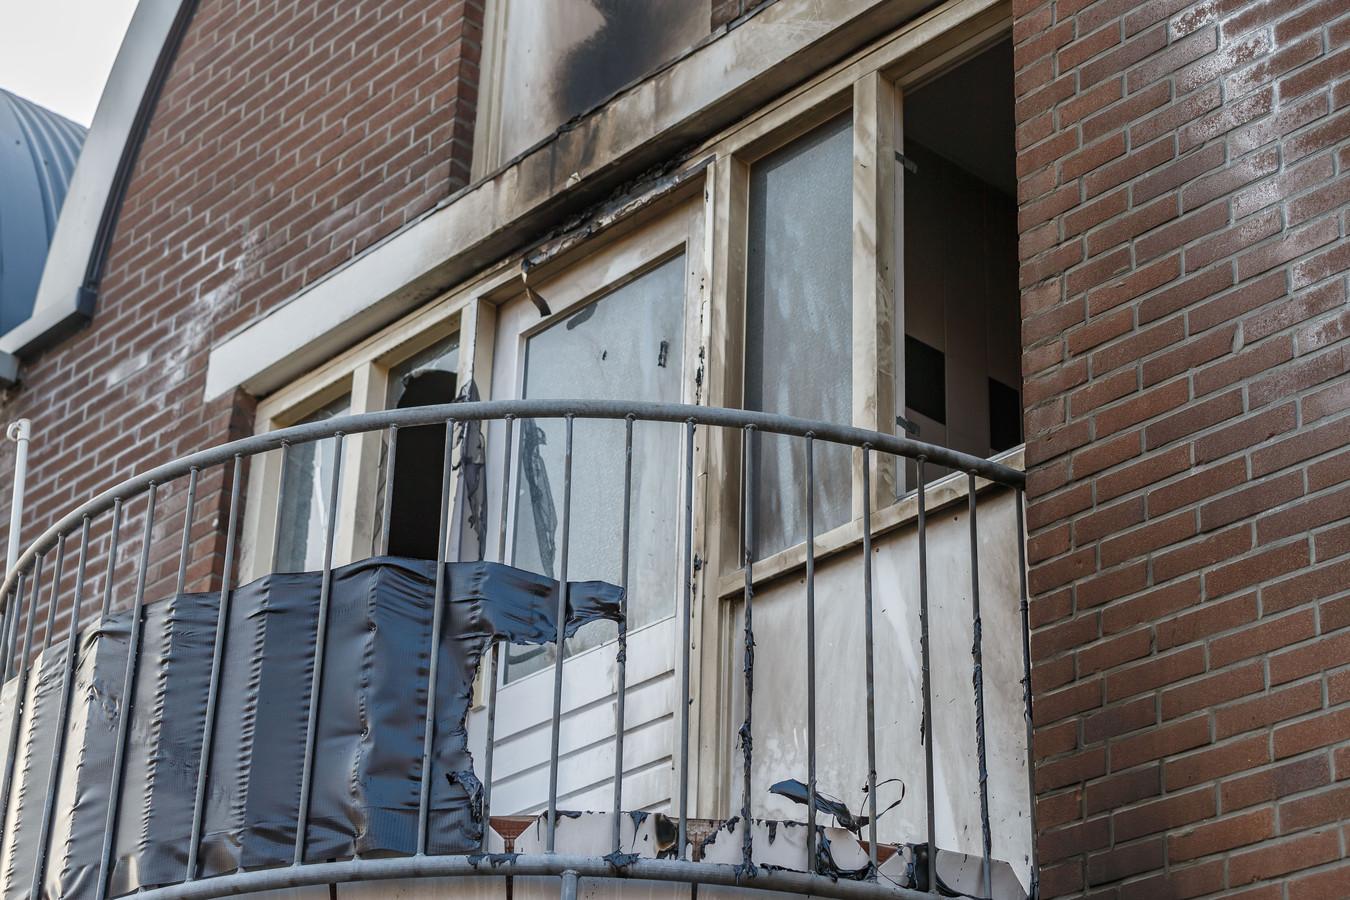 Bij het balkon van de woning is de schade goed te zien.